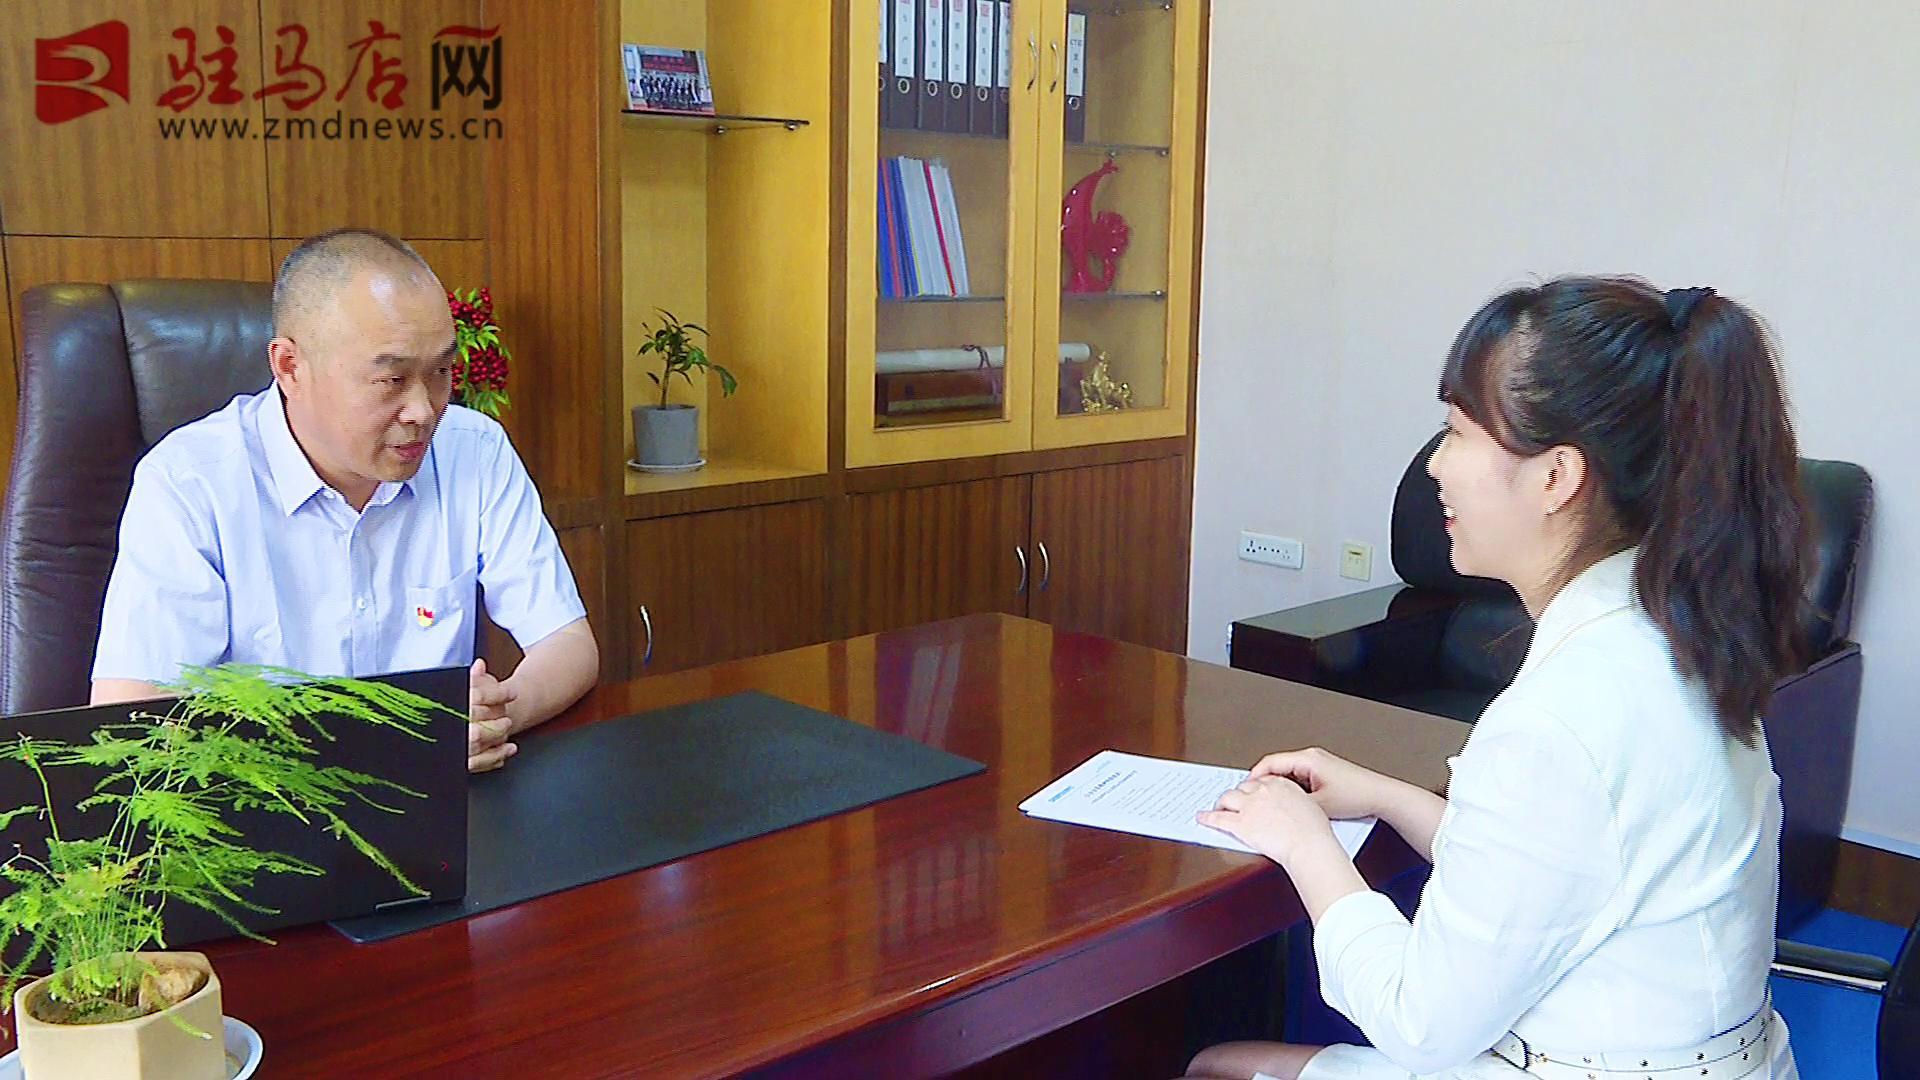 创新发展 逆境突围 ——访驻马店华中正大有限公司总经理娄百勇